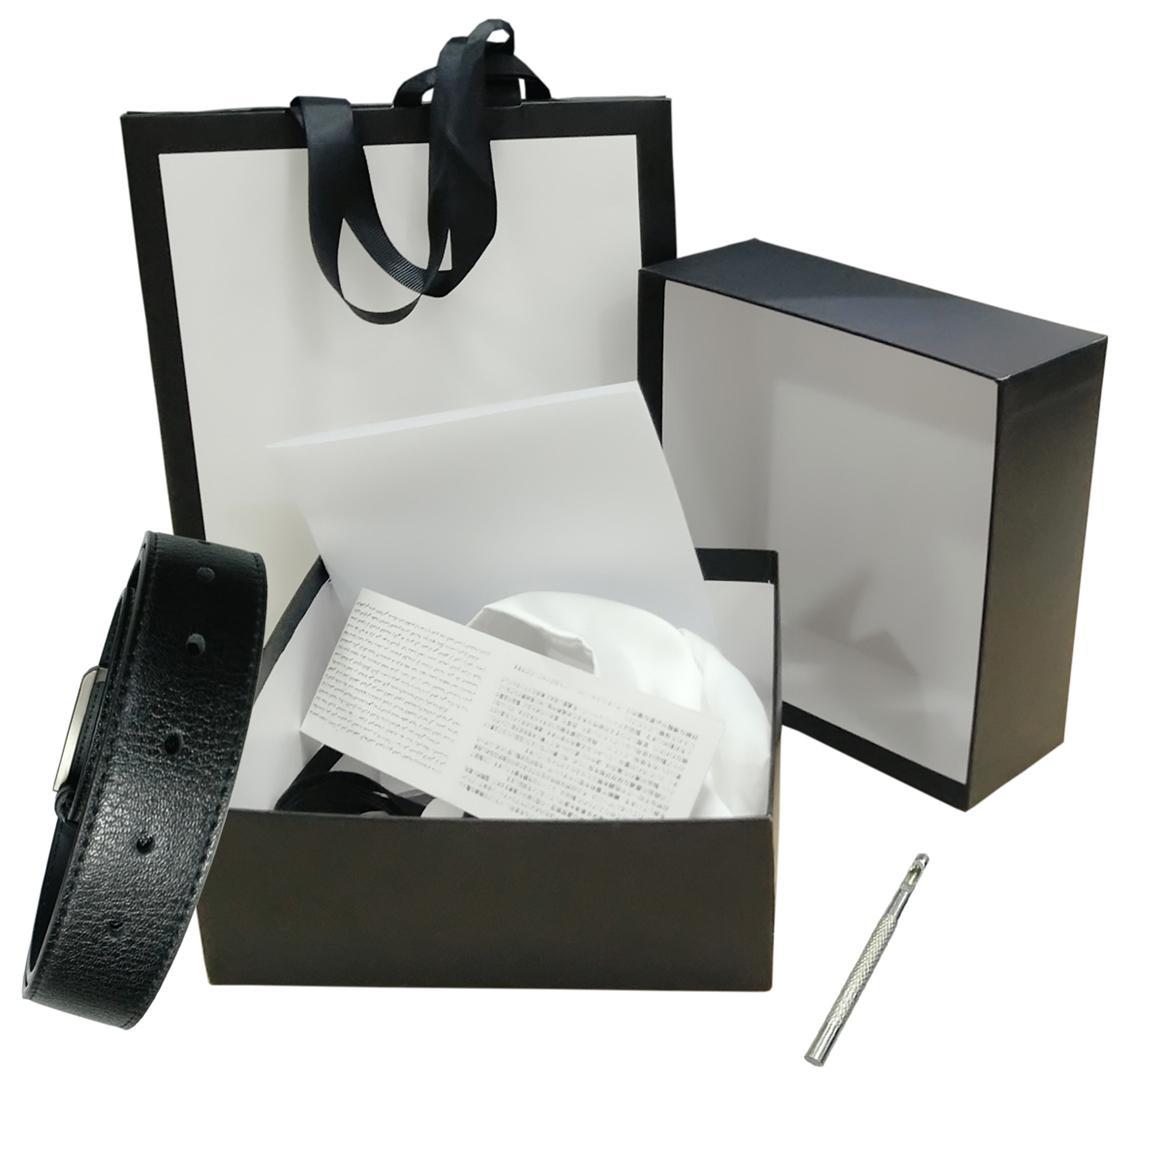 أحزمة إمرأة رجل حزام اسود جلد طبيعي الذهب السلس مشبك مع صندوق أبيض أبيض غبار حقيبة بطاقة الأبيض هدية حقيبة أسود 47 623